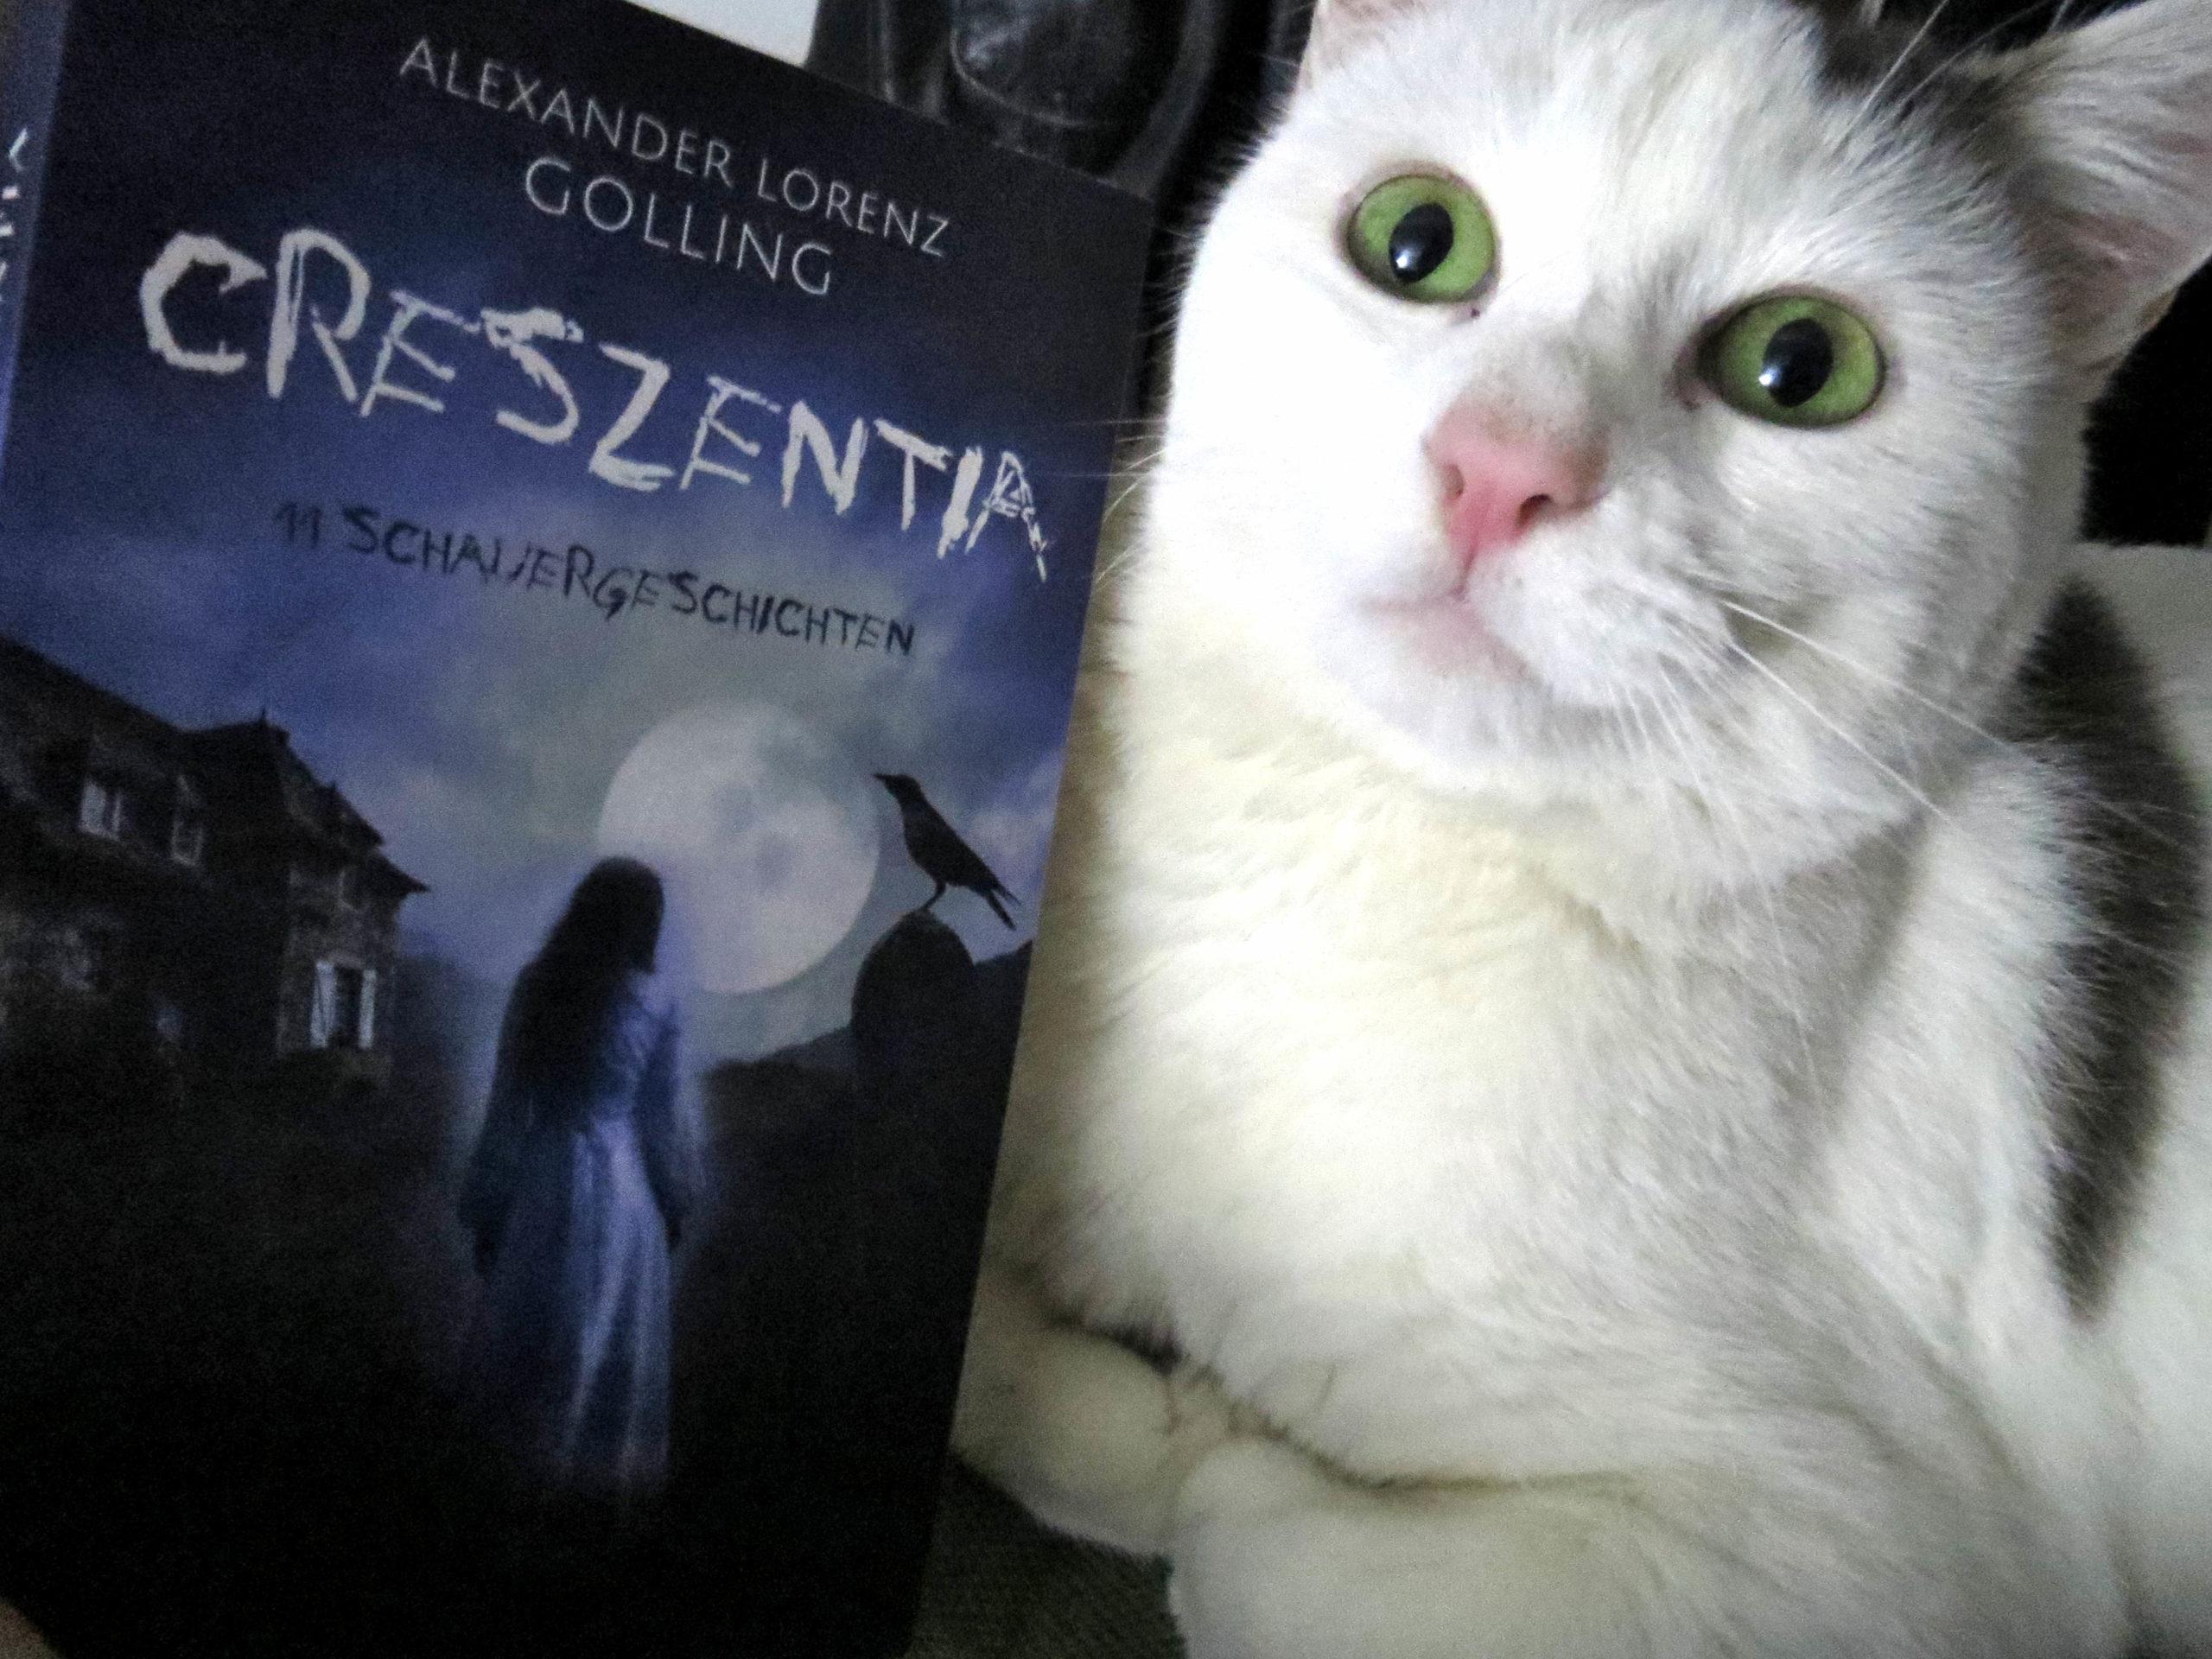 """Das Buch """"Creszentia"""" von Alexander Lorenz Golling neben einer weißen Katze, die mit aufgerissenen grünen Augen in die Kamera starrt."""